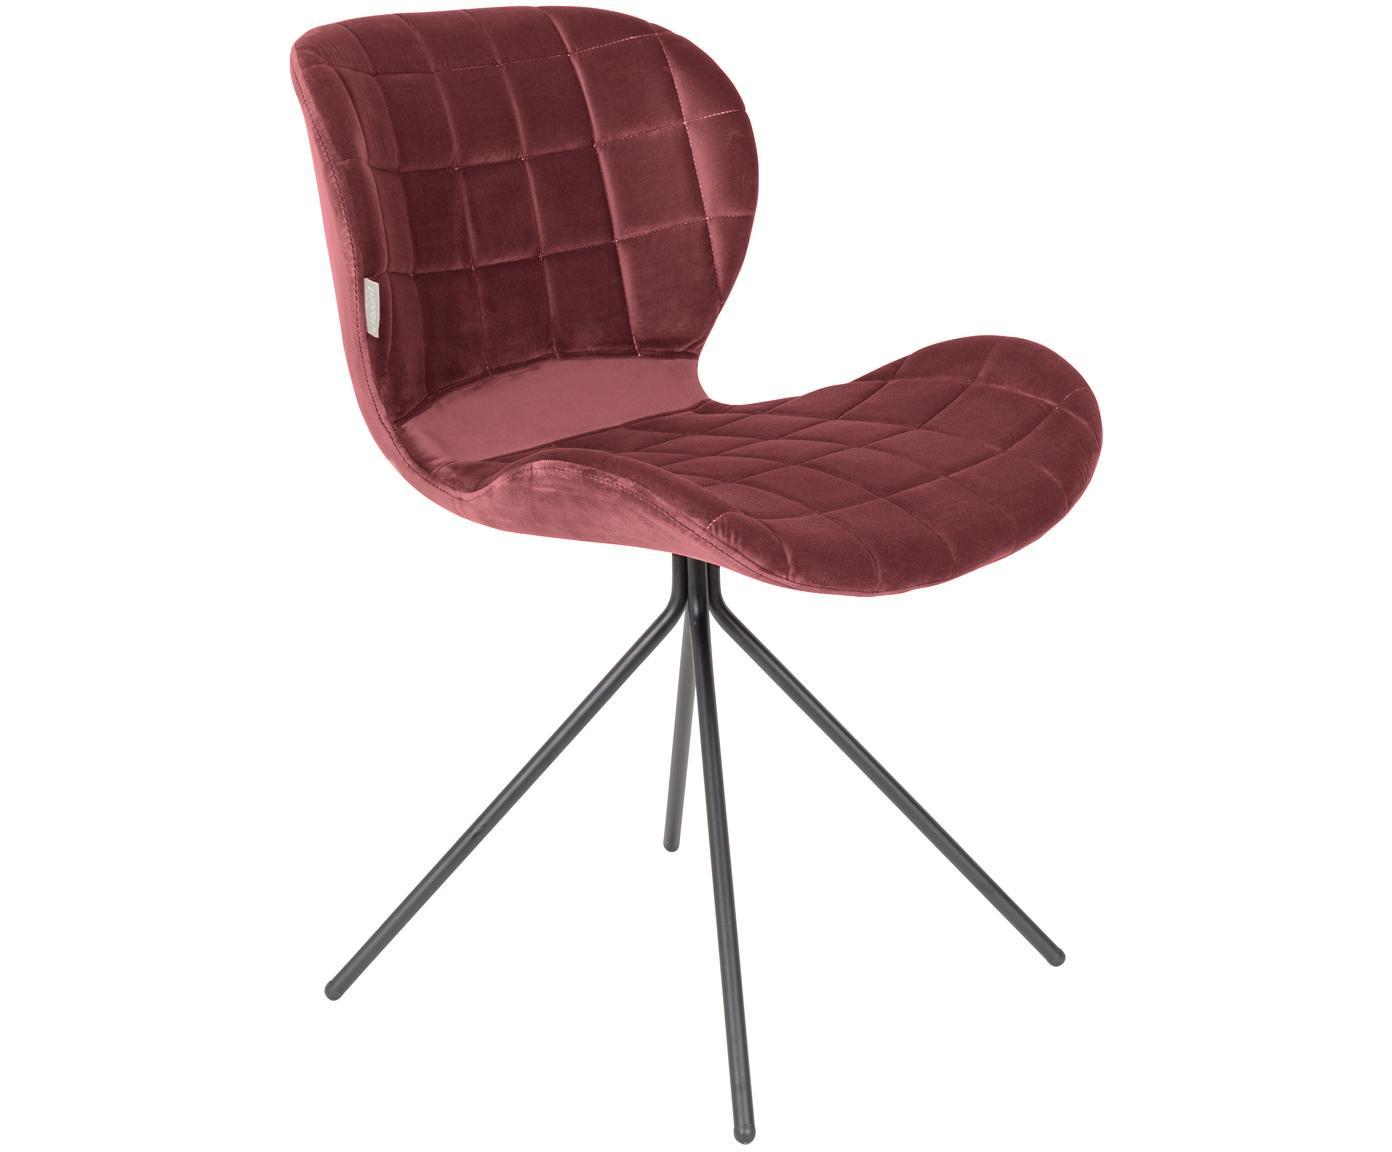 Fluwelen stoel OMG, Bekleding: polyester fluweel, Frame: gepoedercoat staal, Frame: multiplex, Bekleding: roze. Poten: zwart, 51 x 80 cm